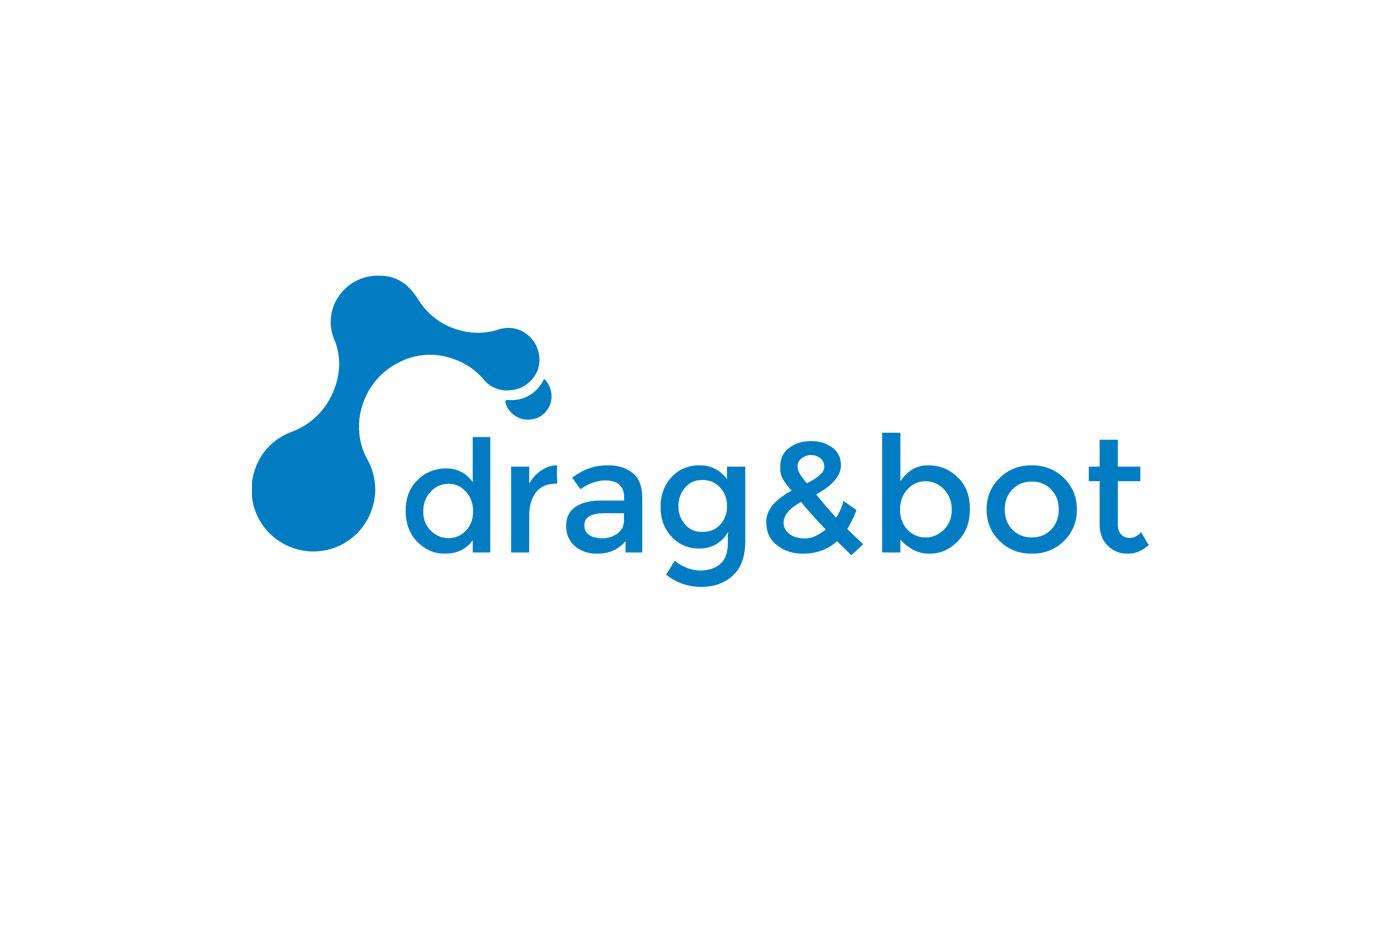 drag&bot